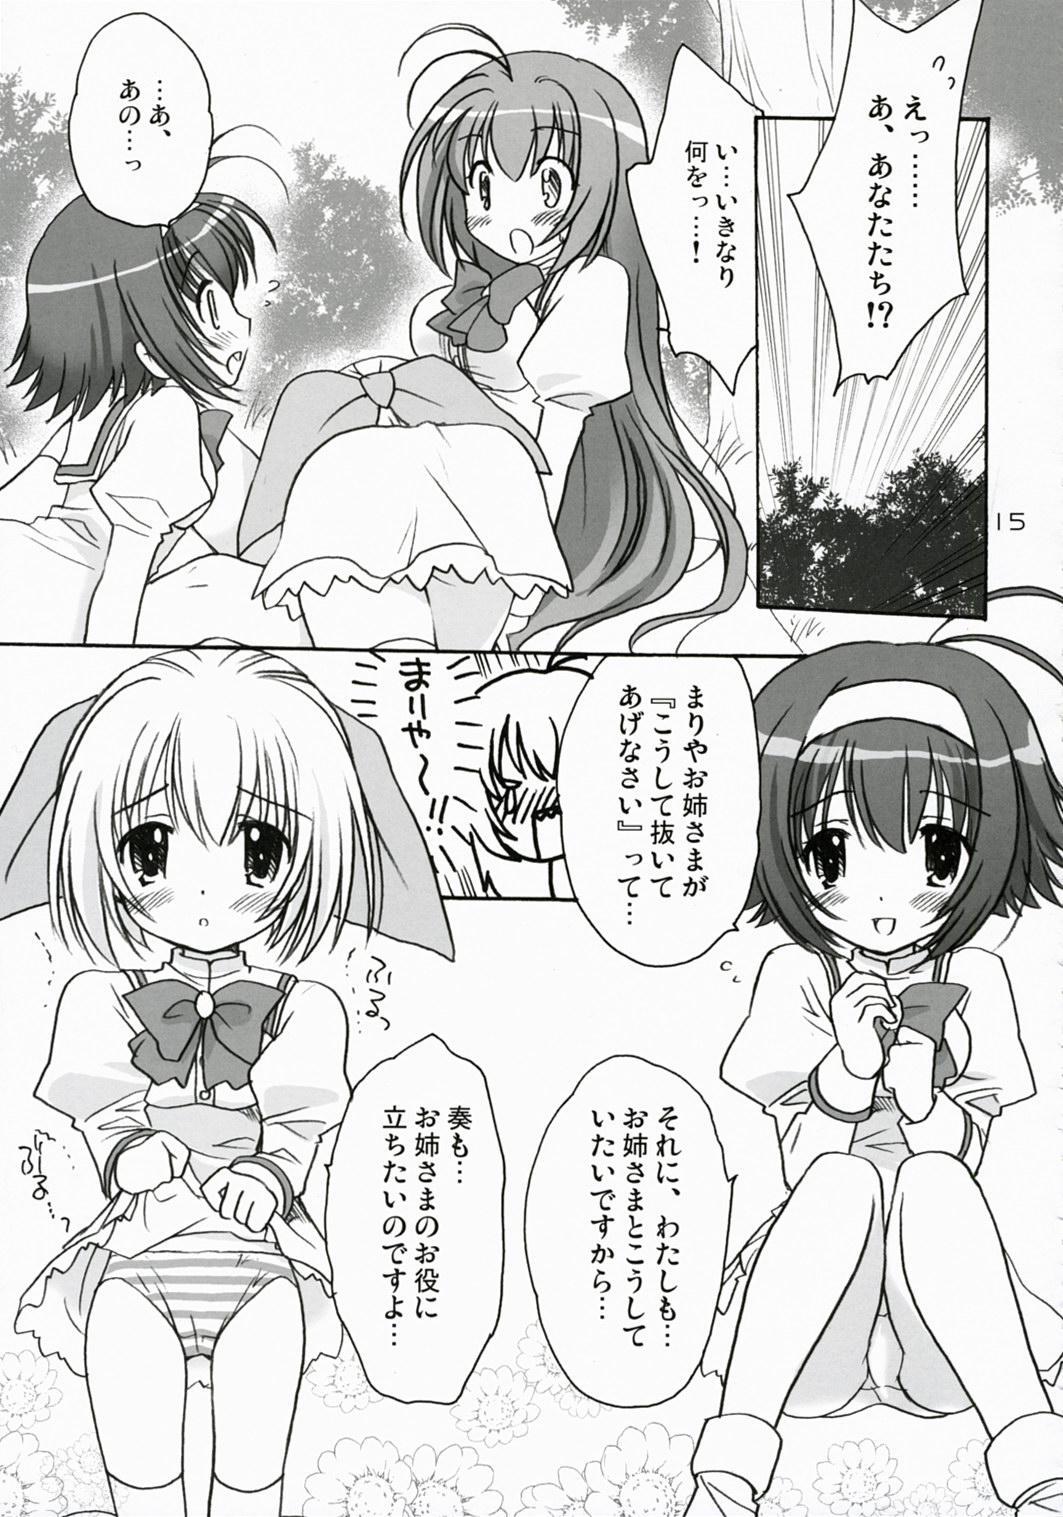 Elder ni onegai! 13